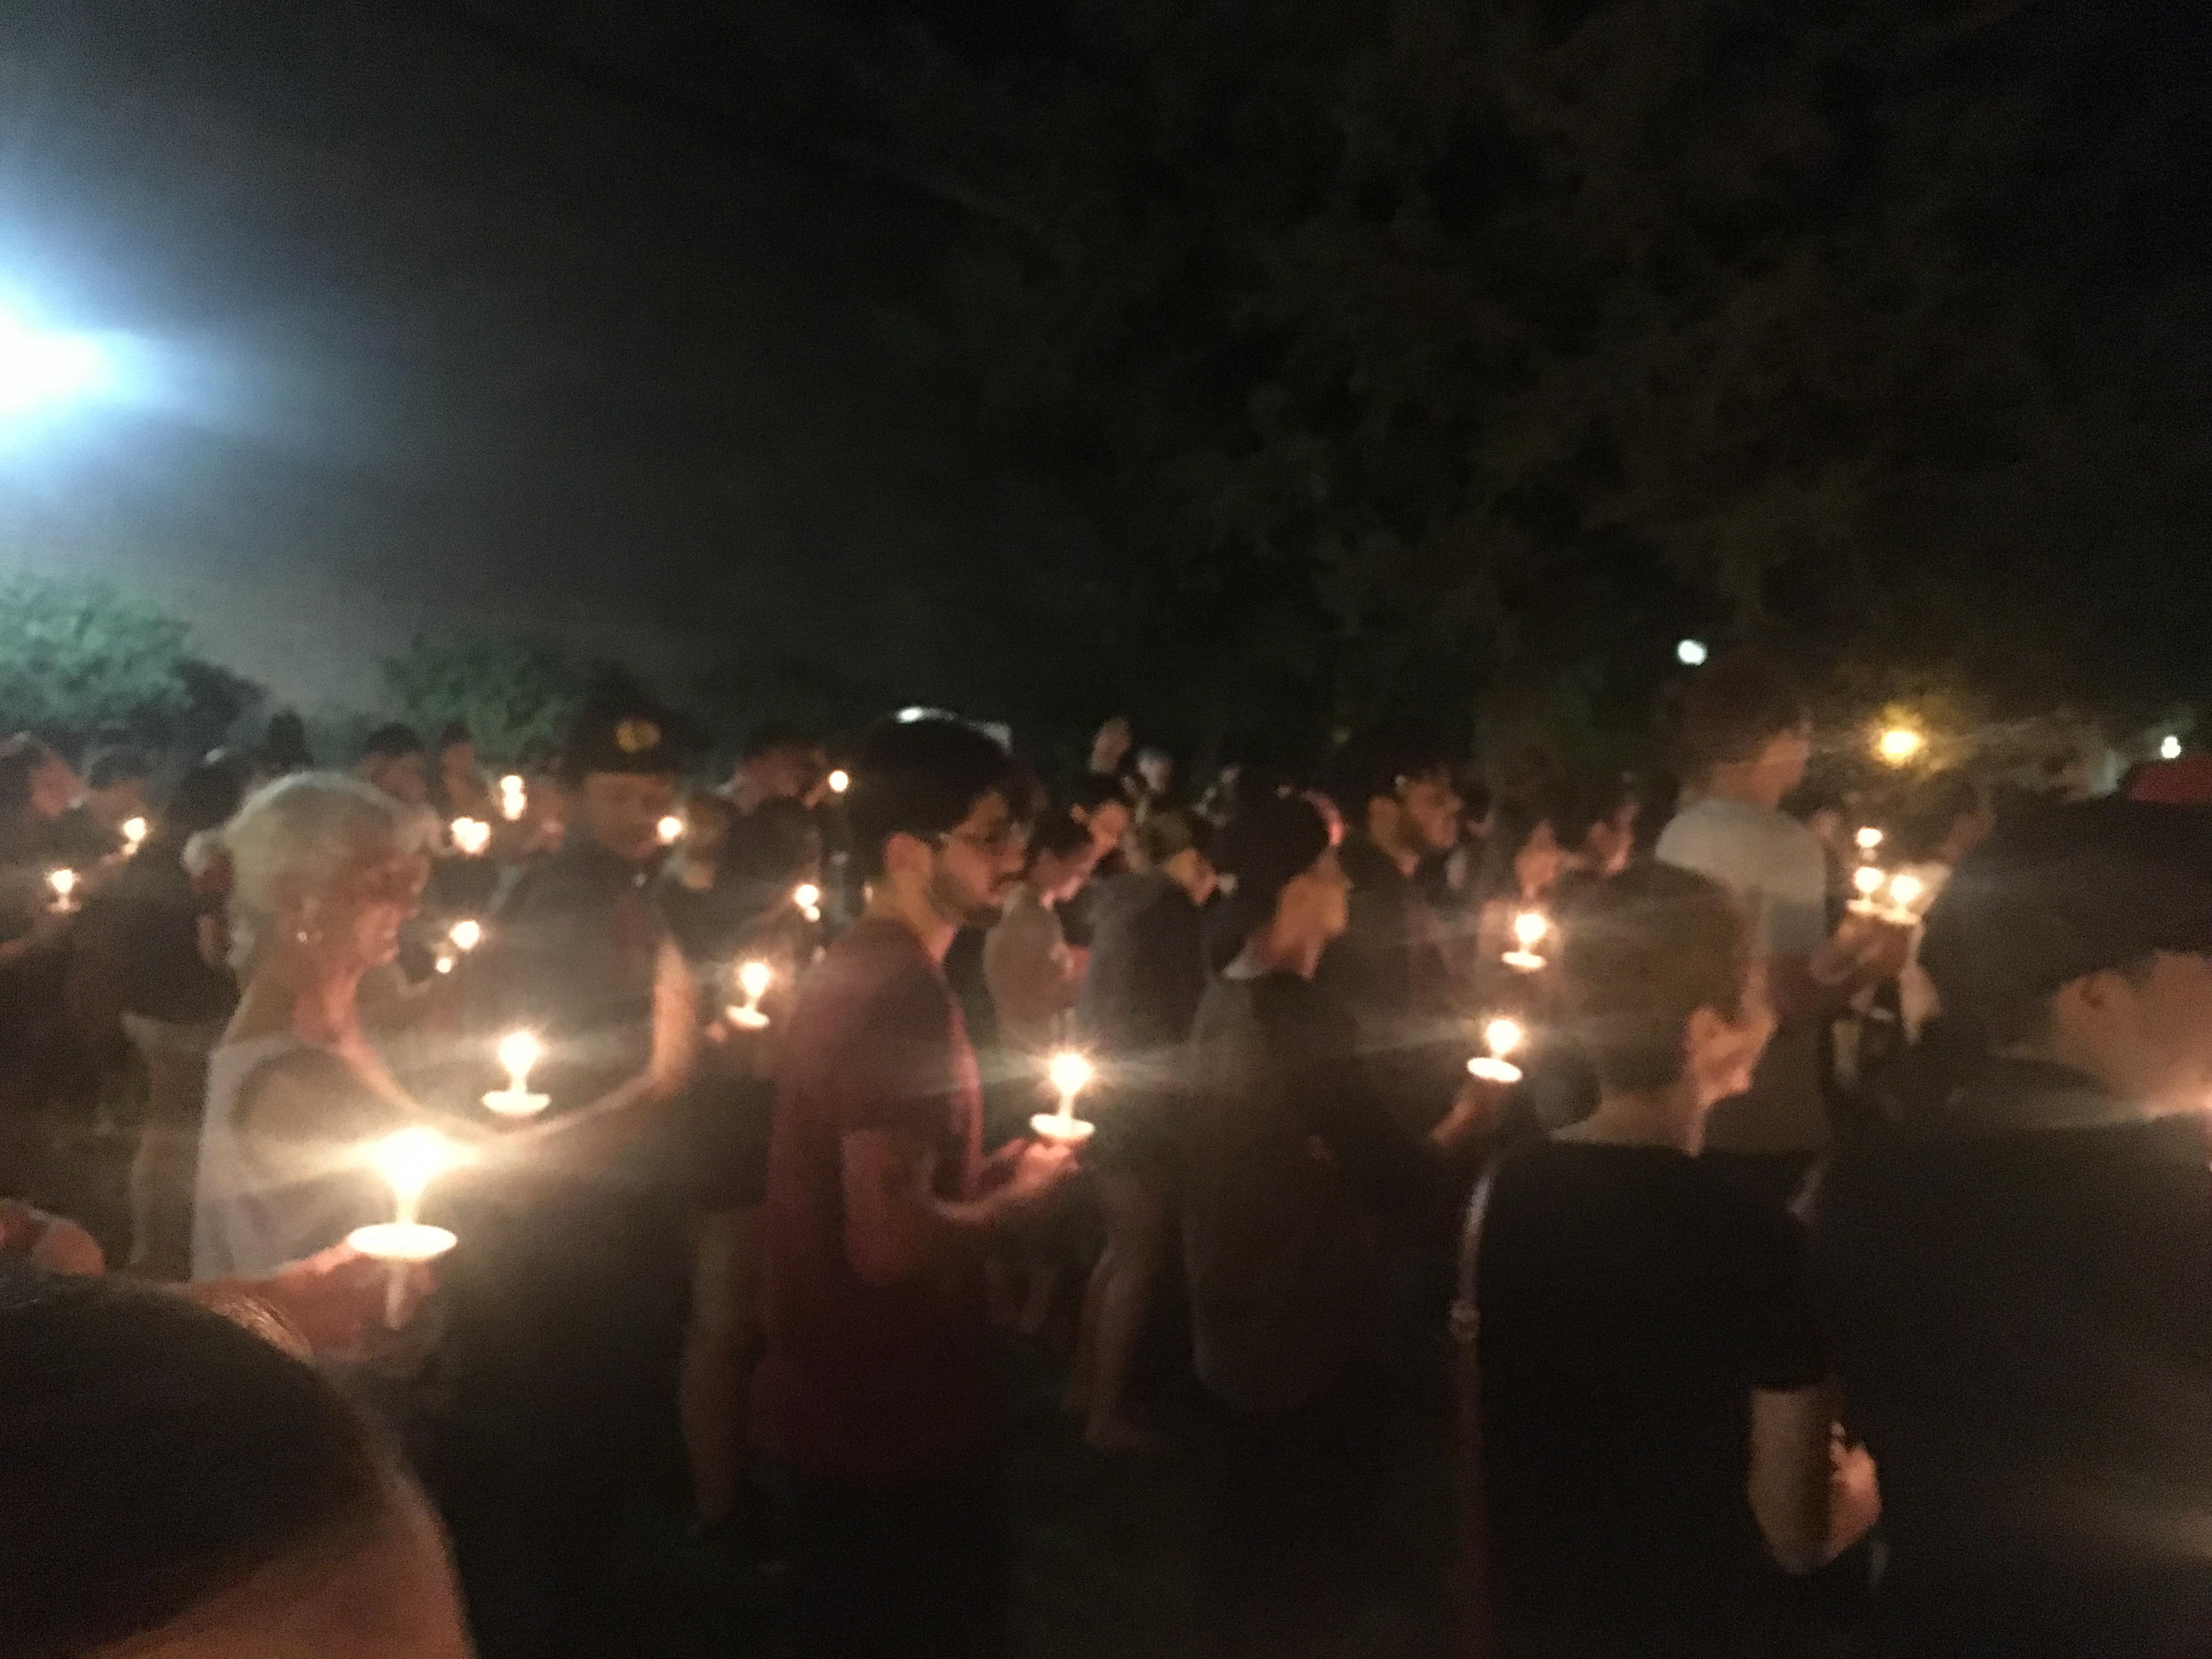 Gatherers at candlelight vigil. Photo credit: Kayla Fitzgerald